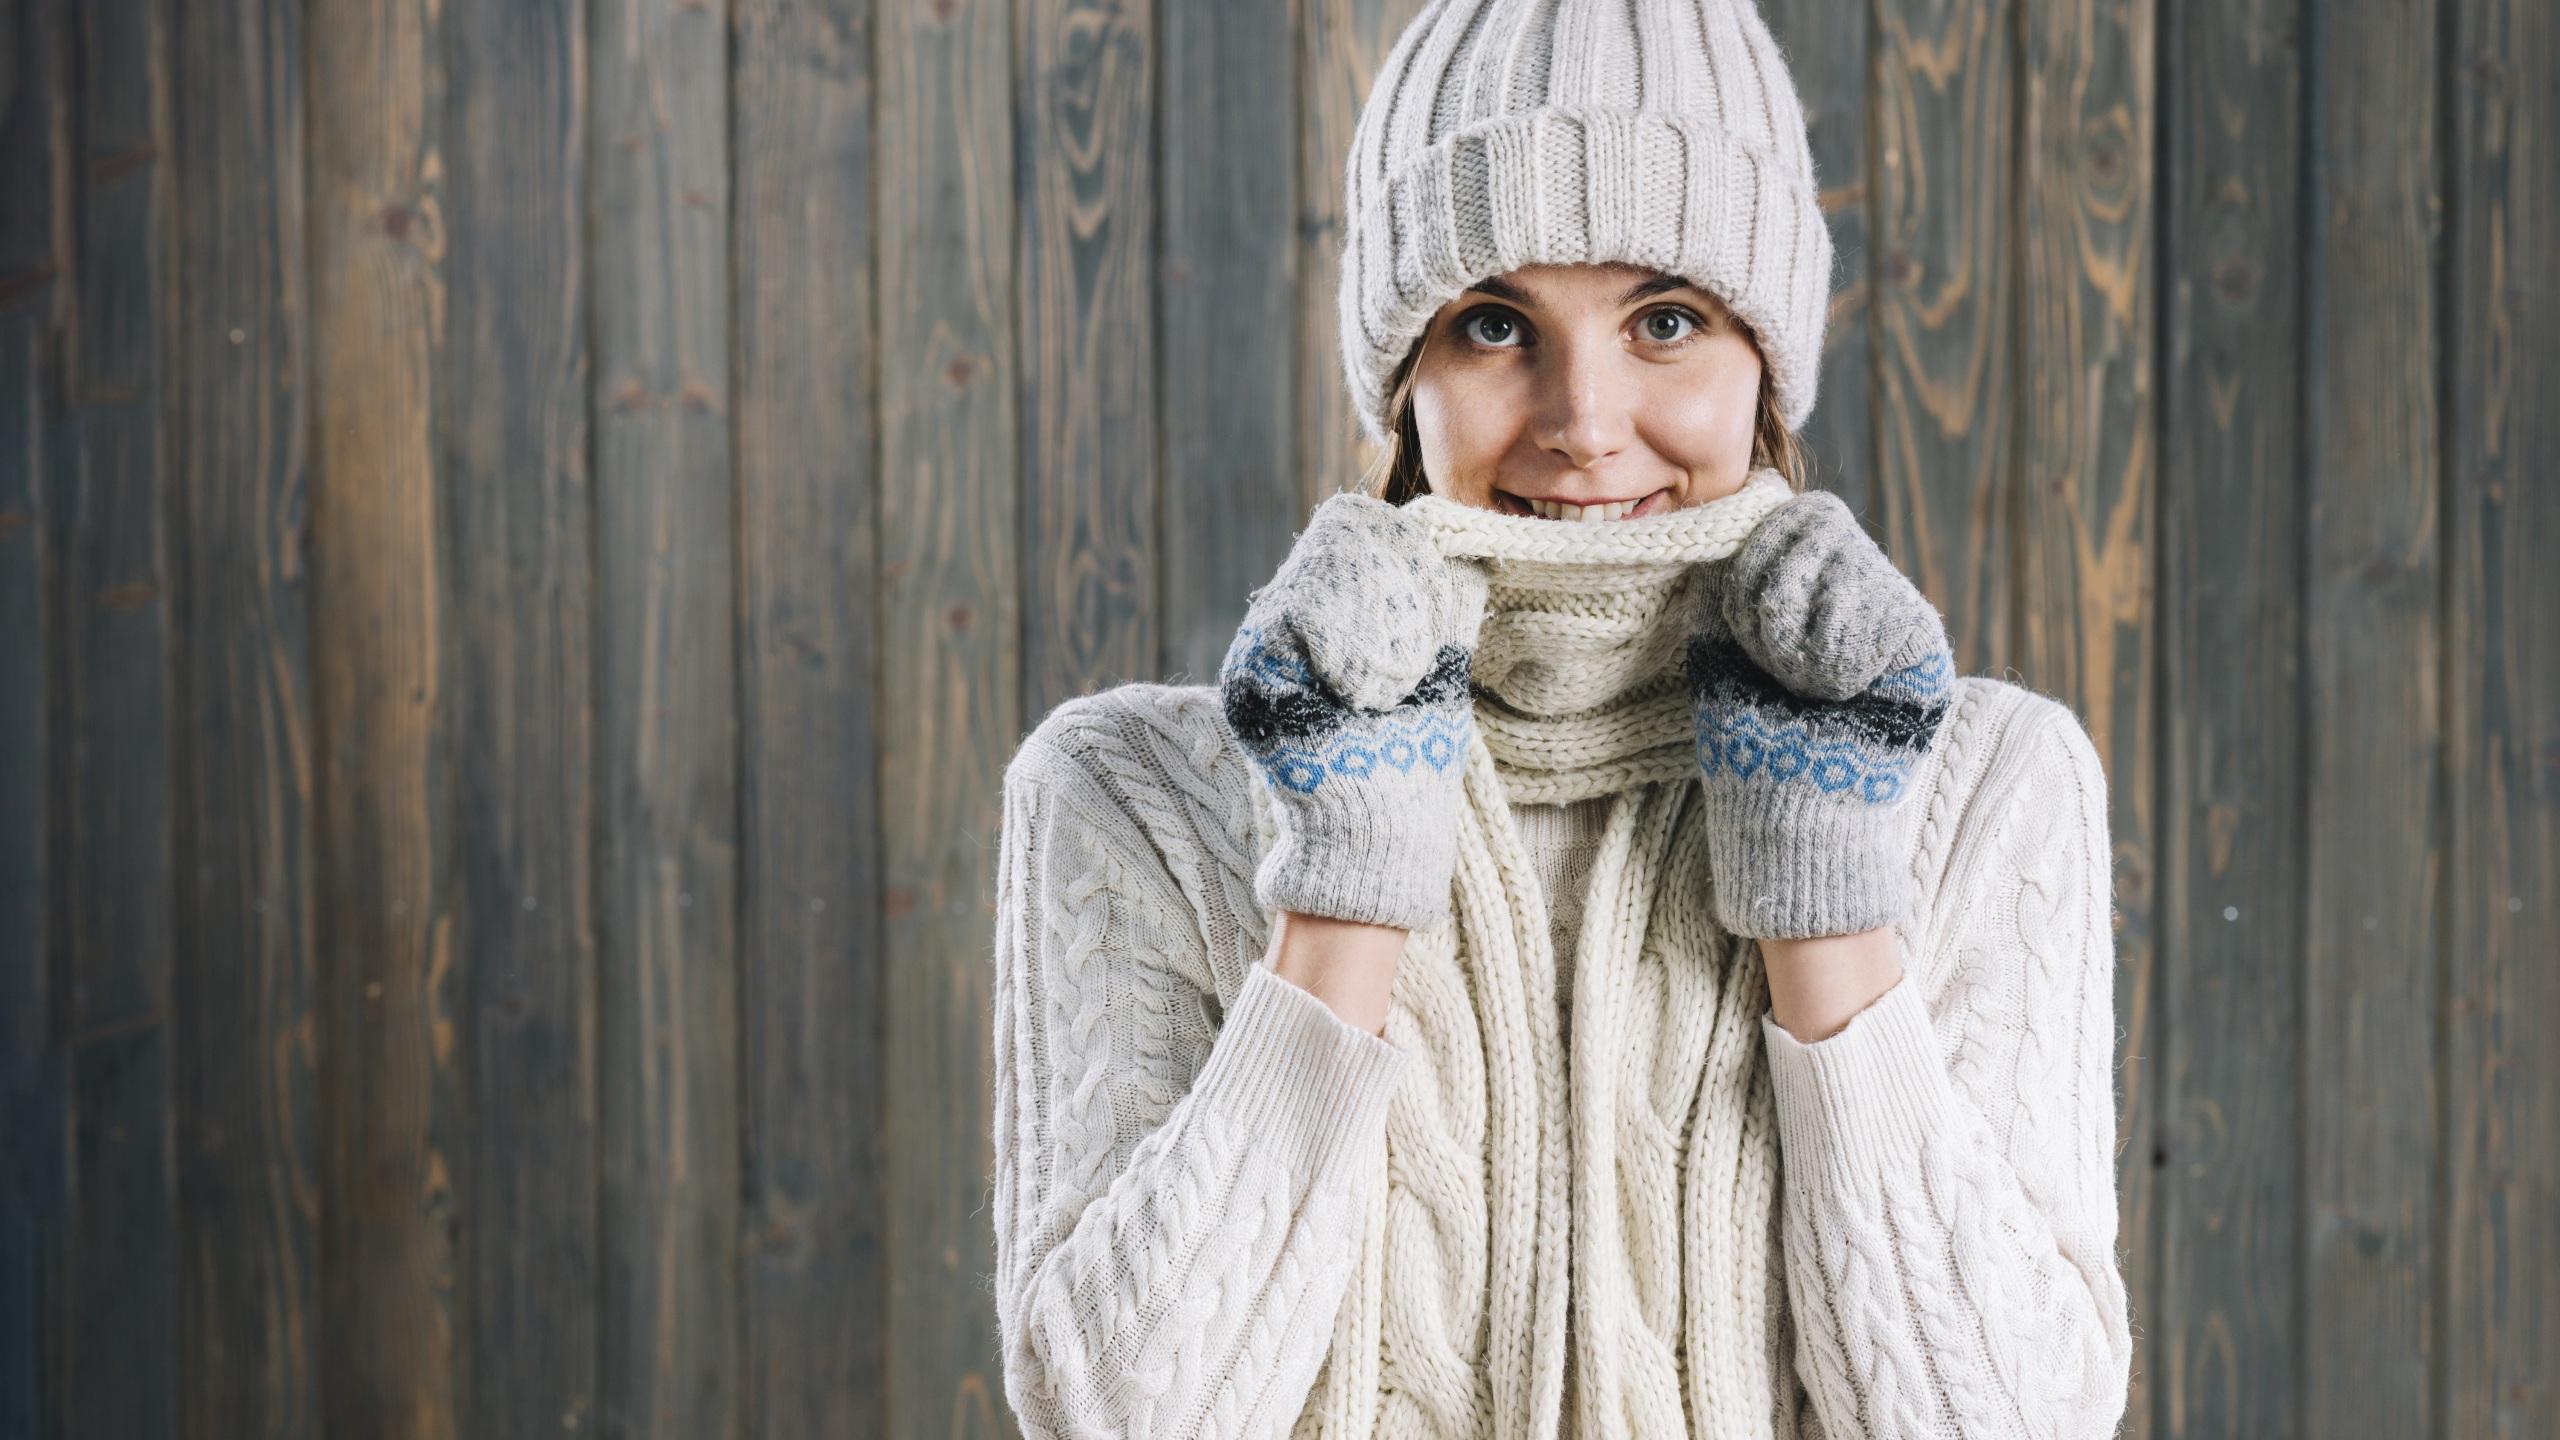 Фото шарфом рукавицы улыбается Шапки Девушки смотрит Доски 2560x1440 Шарф шарфе Варежки варежках рукавицах Улыбка шапка в шапке девушка молодые женщины молодая женщина Взгляд смотрят